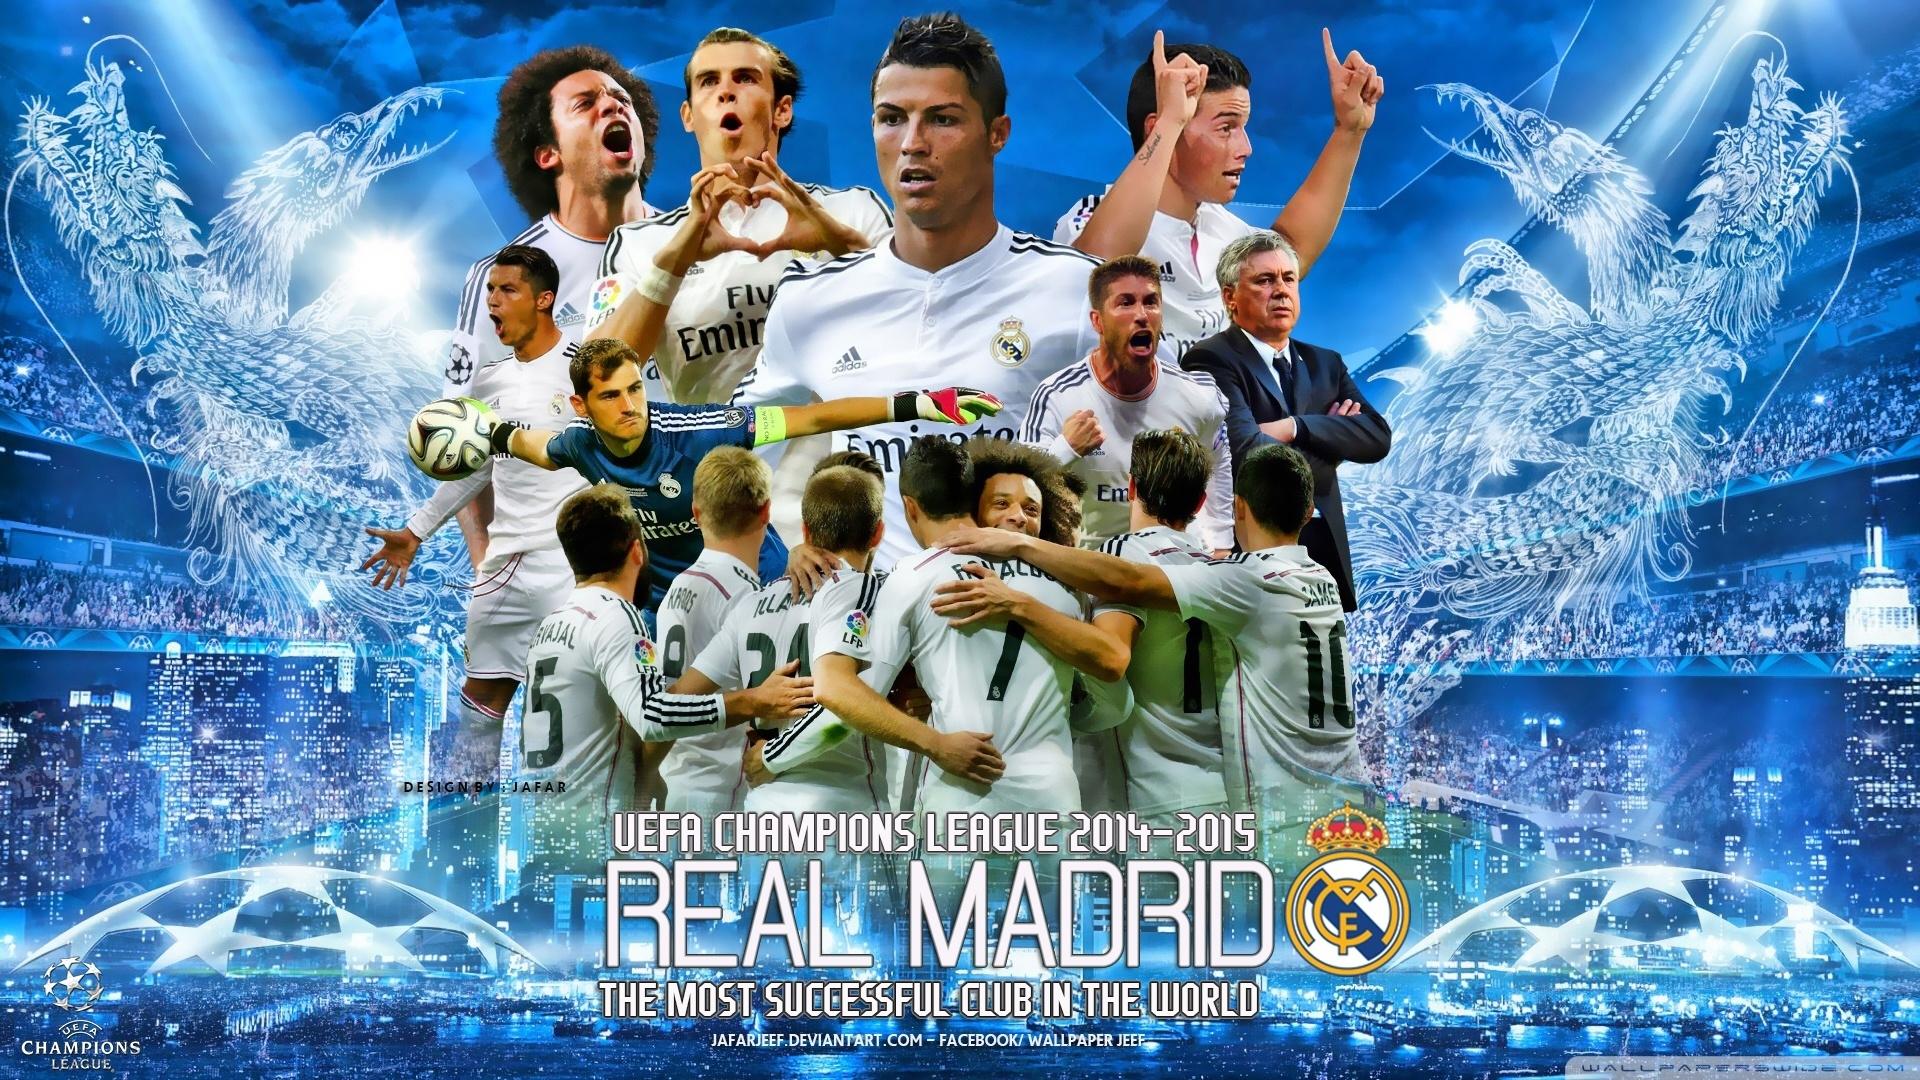 10 Top Real Madrid Wallpaper 2017 Full Hd 1920 1080 For Pc Desktop